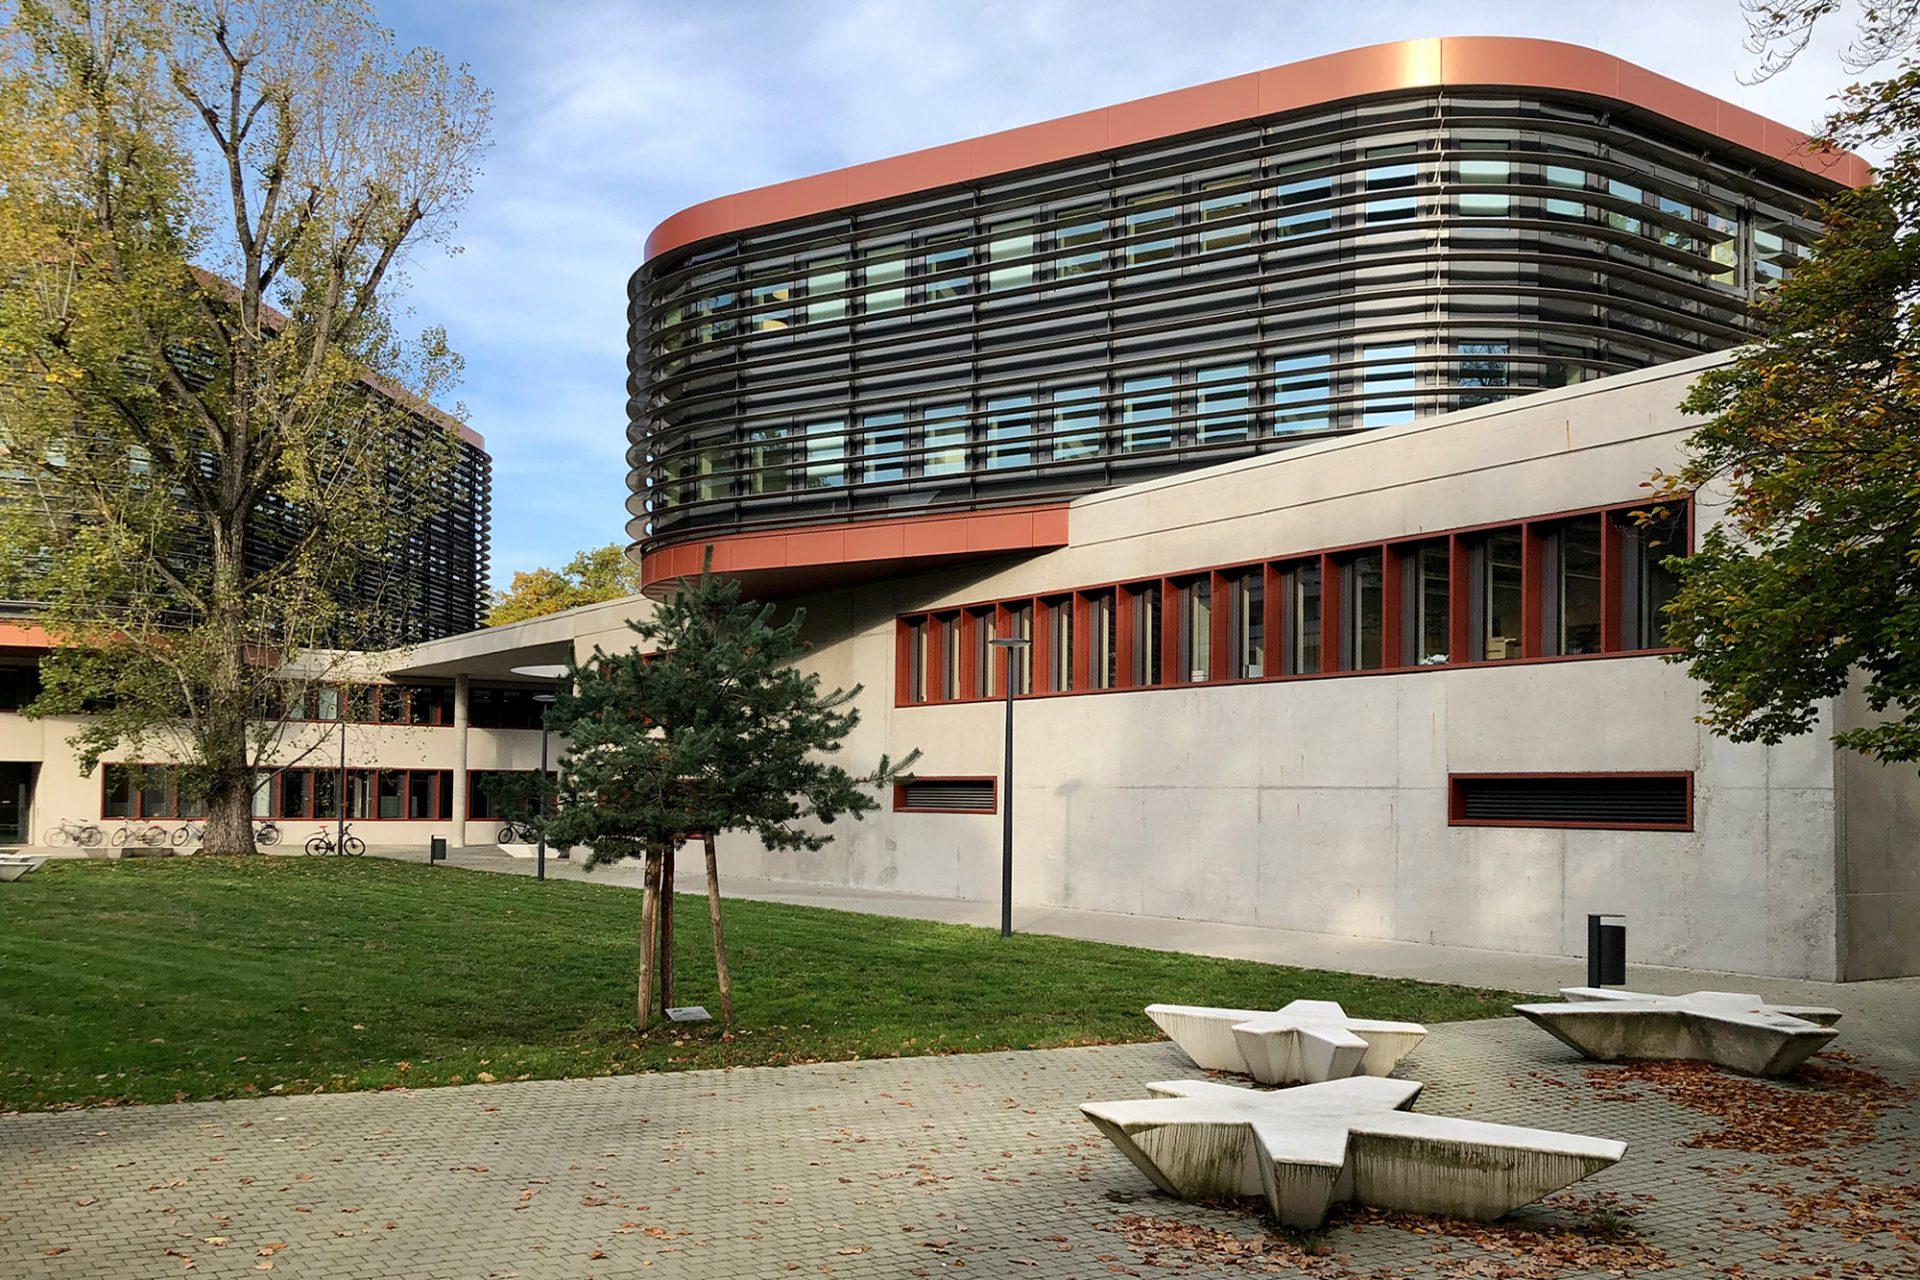 Laborgebäude MZE und Mikrotribologie Centrum. Valentyn Architekten, 2016. Die Kölner Architekten entwarfen auf dem Campus Süd in Nachbarschaft zum KIT-Audimax und den Chemietürmen zwei im 90-Grad-Winkel zueinander angeordnete Bauten –das eine mit zwei, das andere mit drei Obergeschossen, beide auf Betonsockeln, kantig und organisch-weich zugleich.